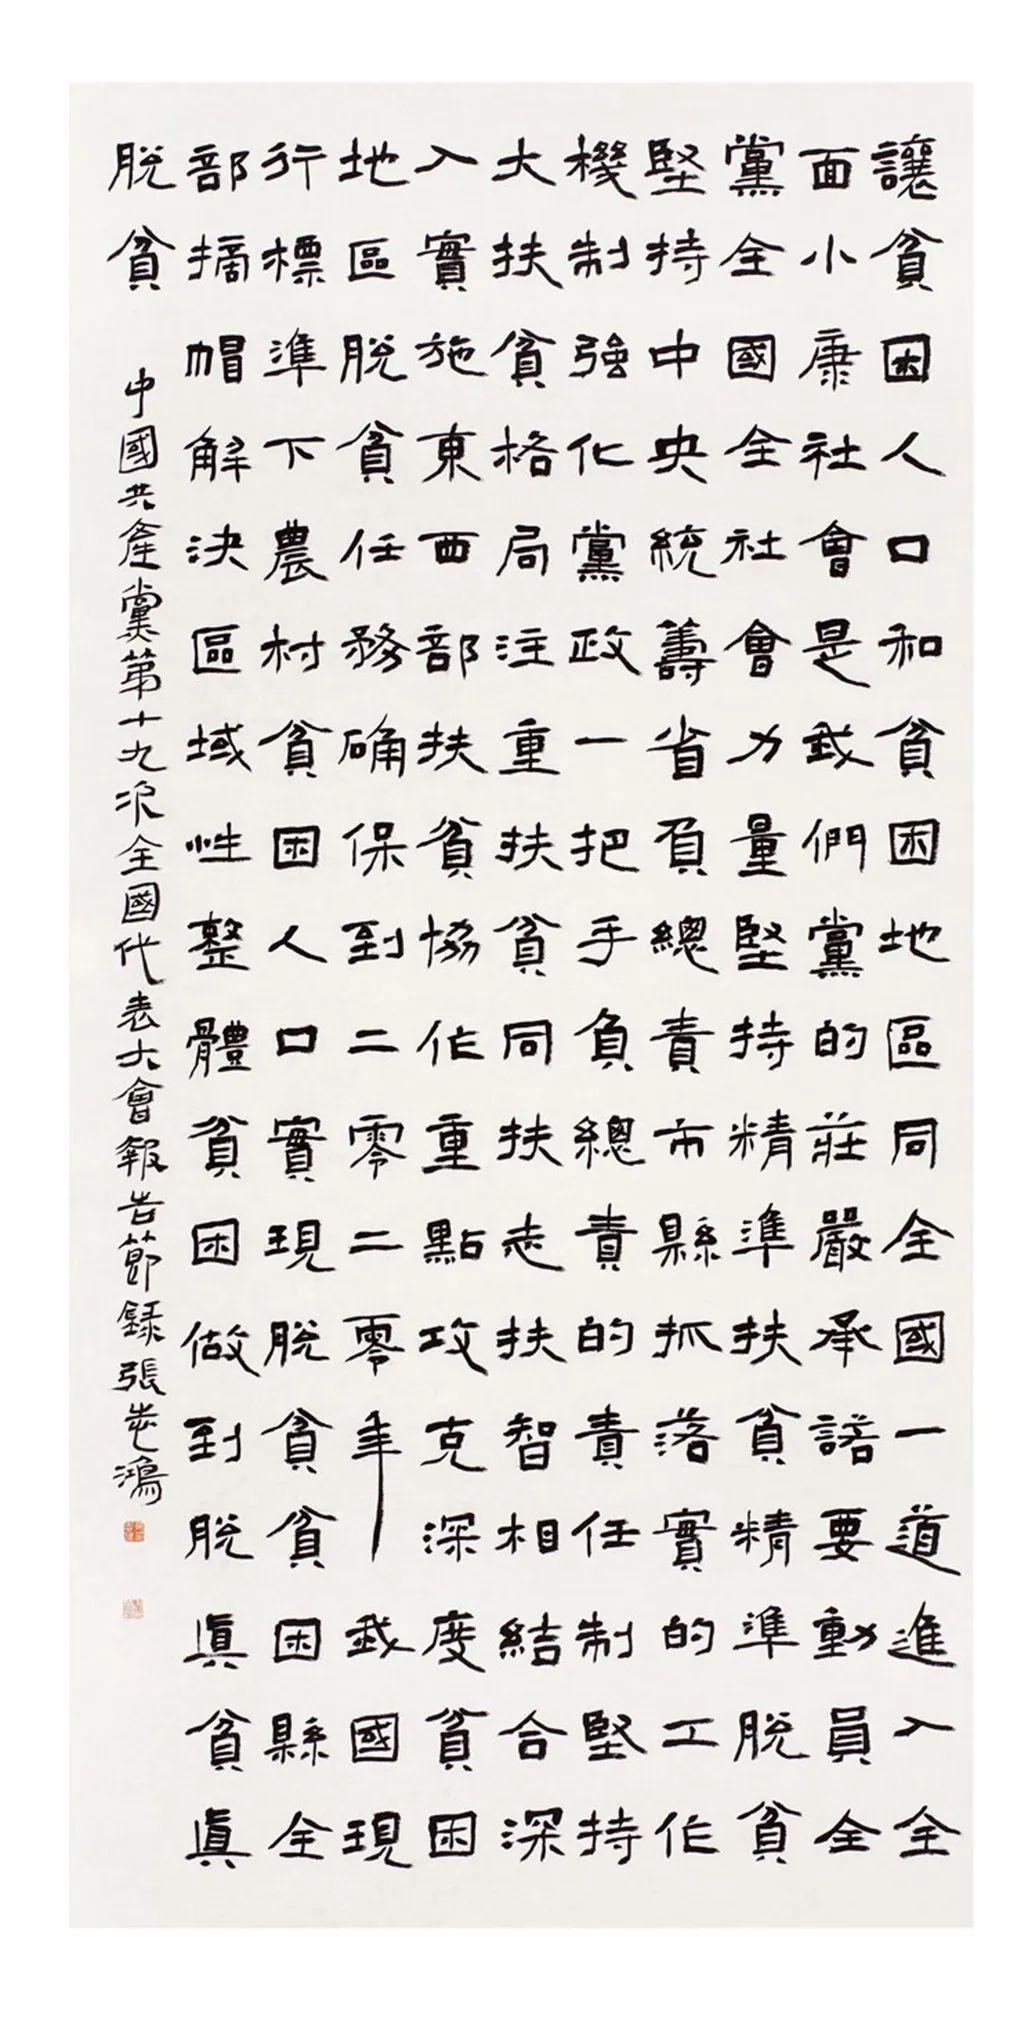 中国力量——全国扶贫书法大展作品 | 第一篇章 :人民至上(图39)